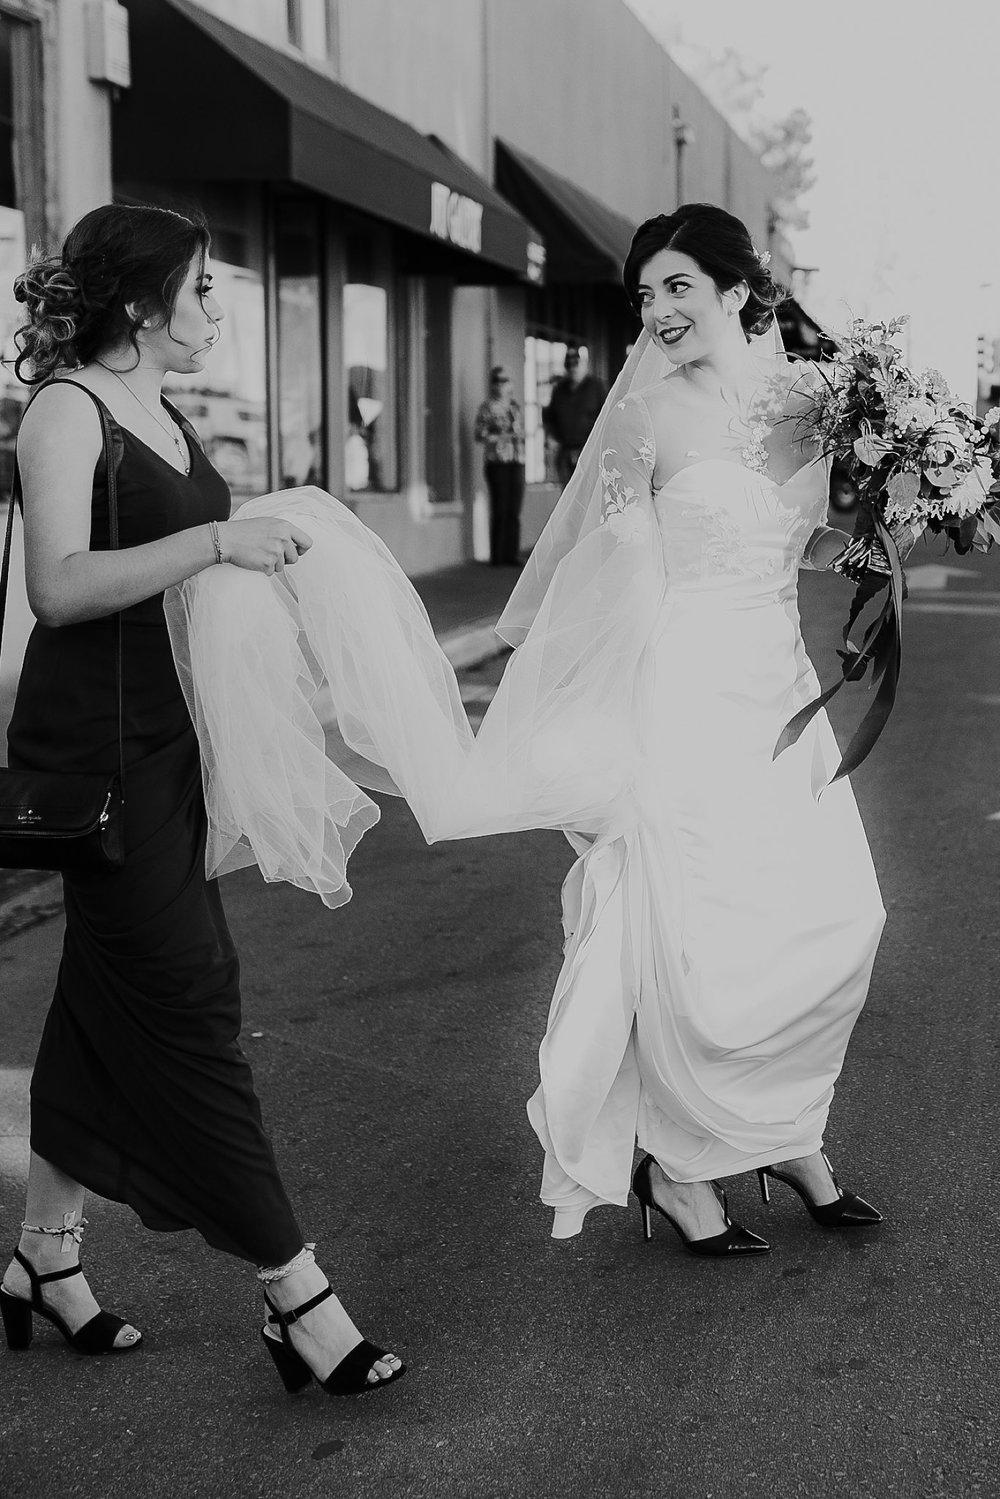 Alicia+lucia+photography+-+albuquerque+wedding+photographer+-+santa+fe+wedding+photography+-+new+mexico+wedding+photographer+-+la+fonda+santa+fe+wedding+-+santa+fe+fall+wedding+-+la+fonda+fall+wedding_0043.jpg